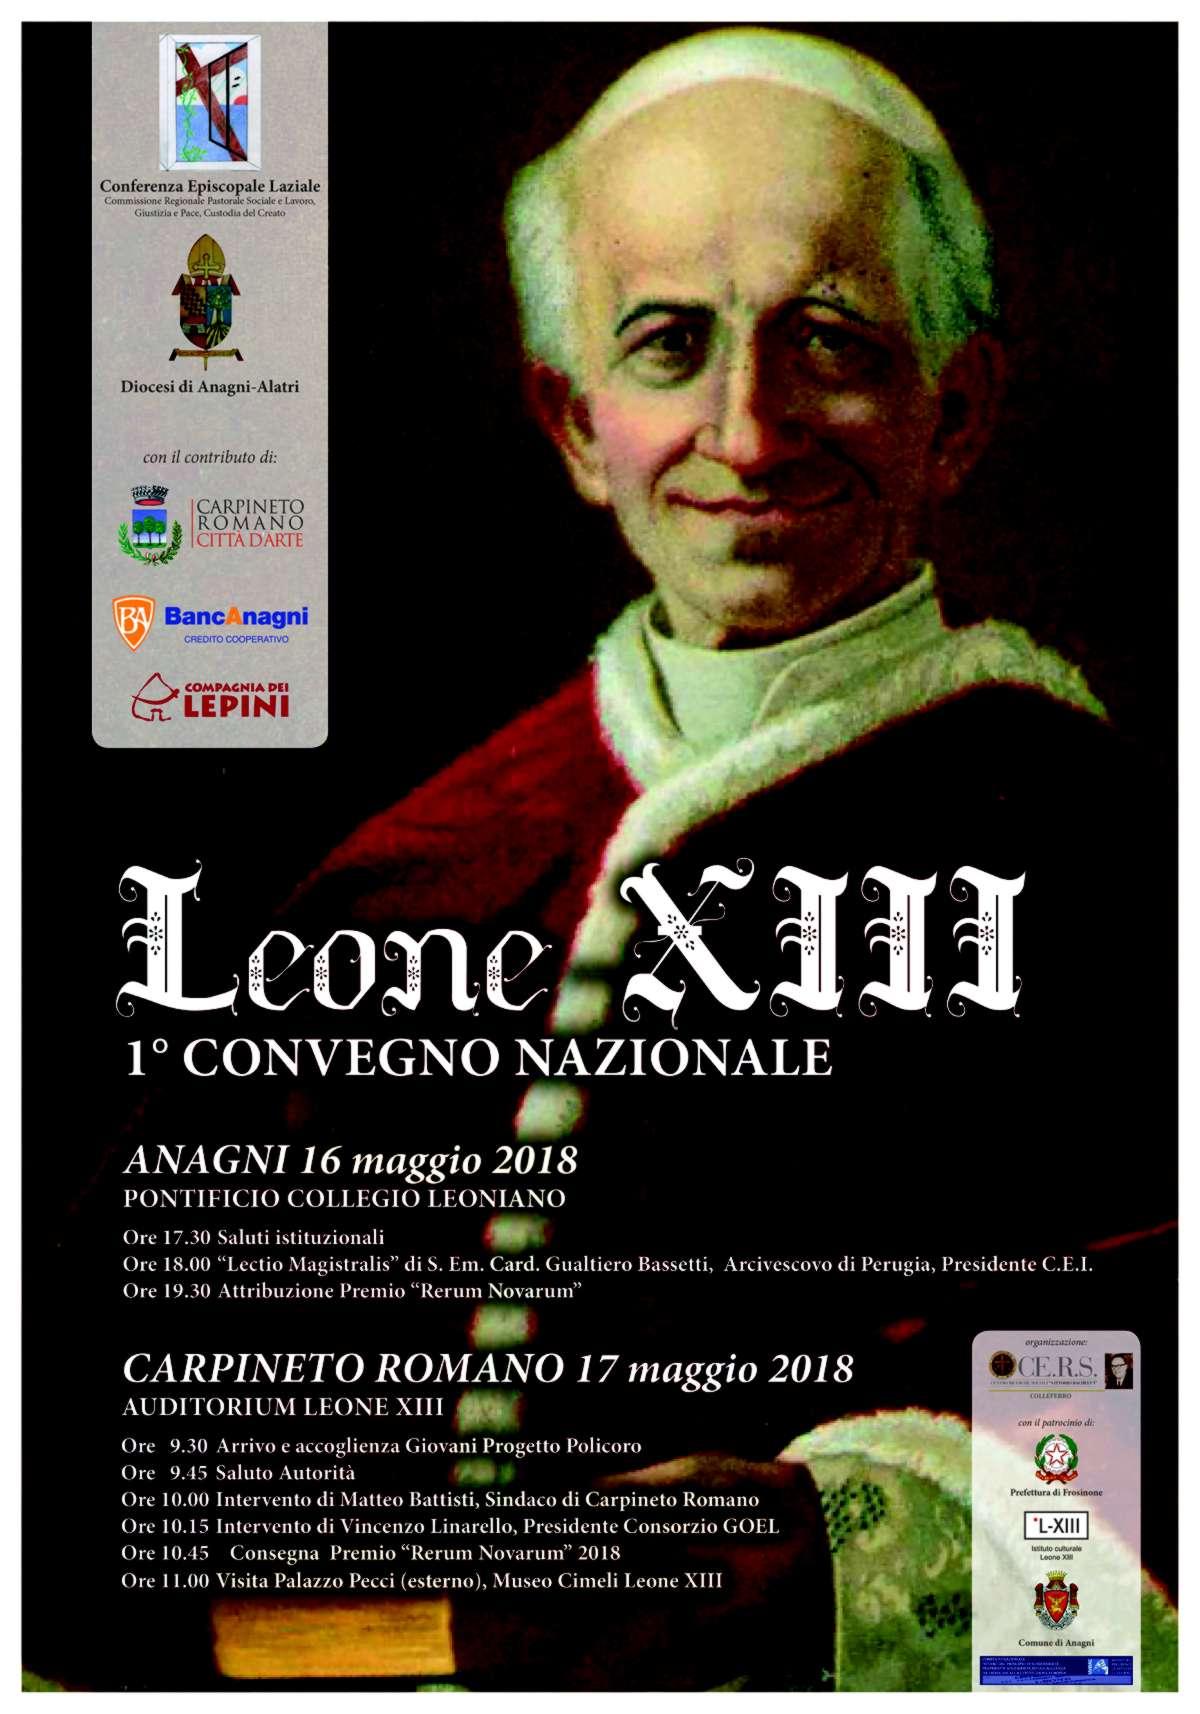 Carpineto Romano: 1 convegno Leone XIII @ Auditorium Leone XIII, Carpineto Romano | Carpineto Romano | Italia